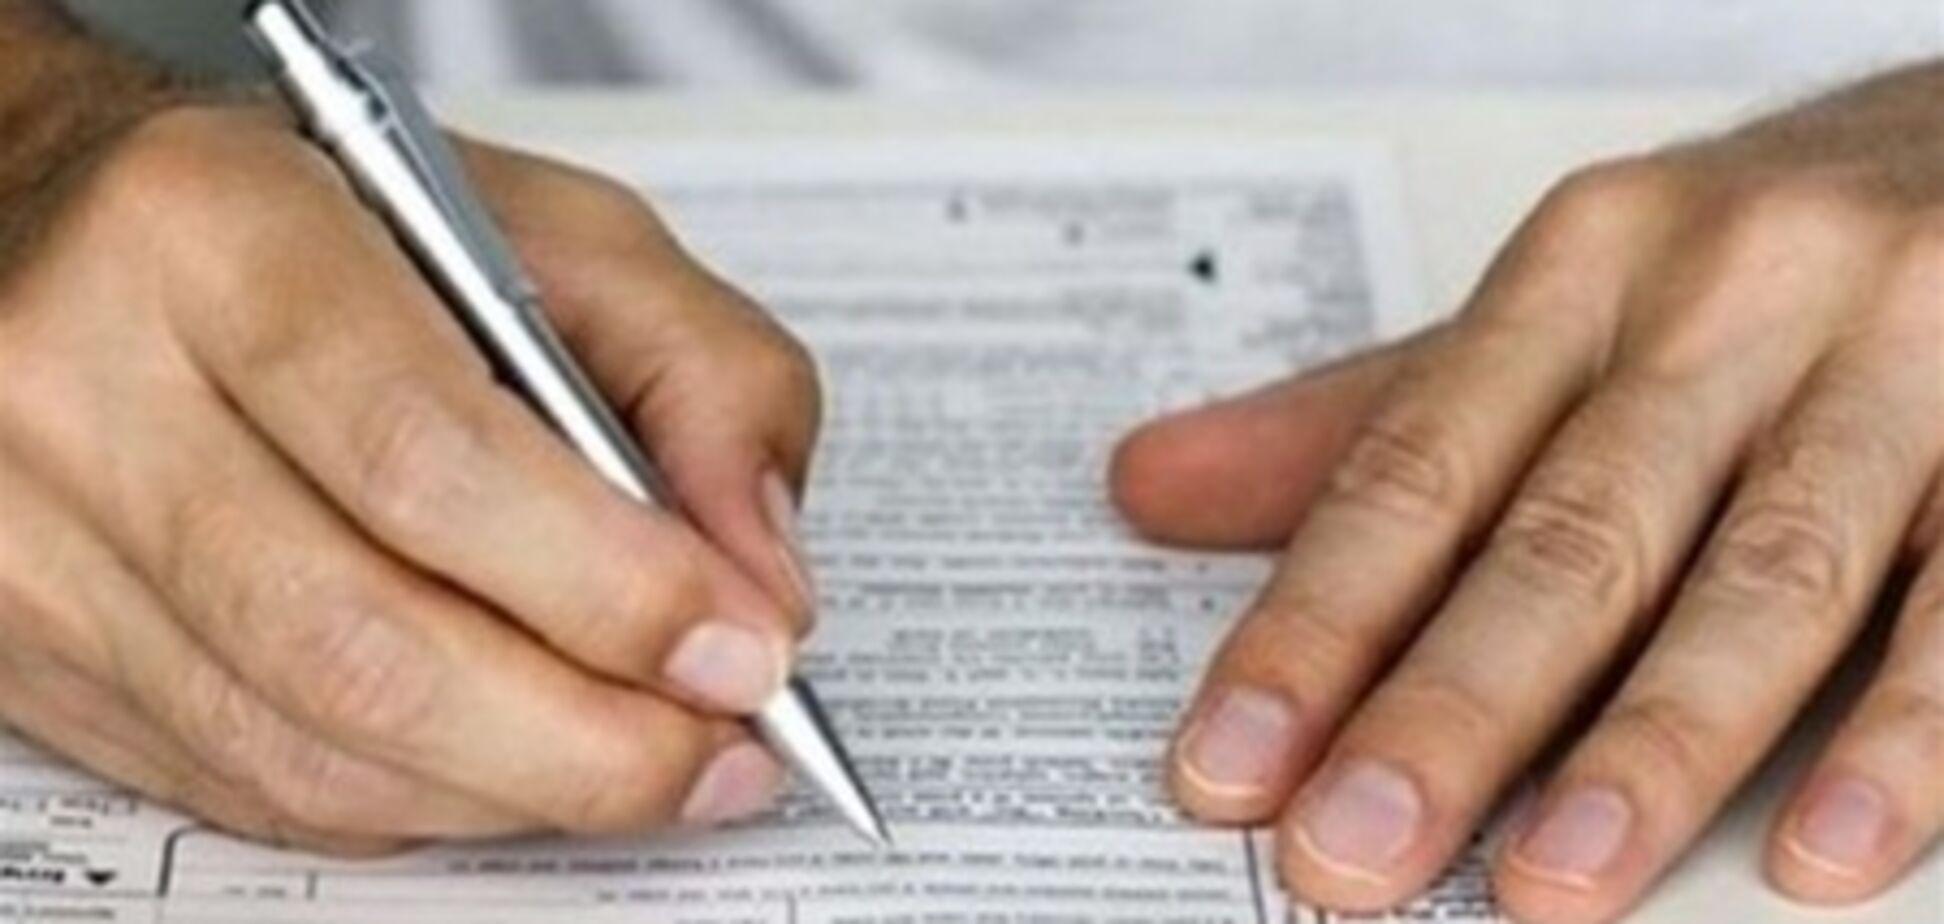 Об'єднання податкової та митниці дозволило зменшити кількість чиновників